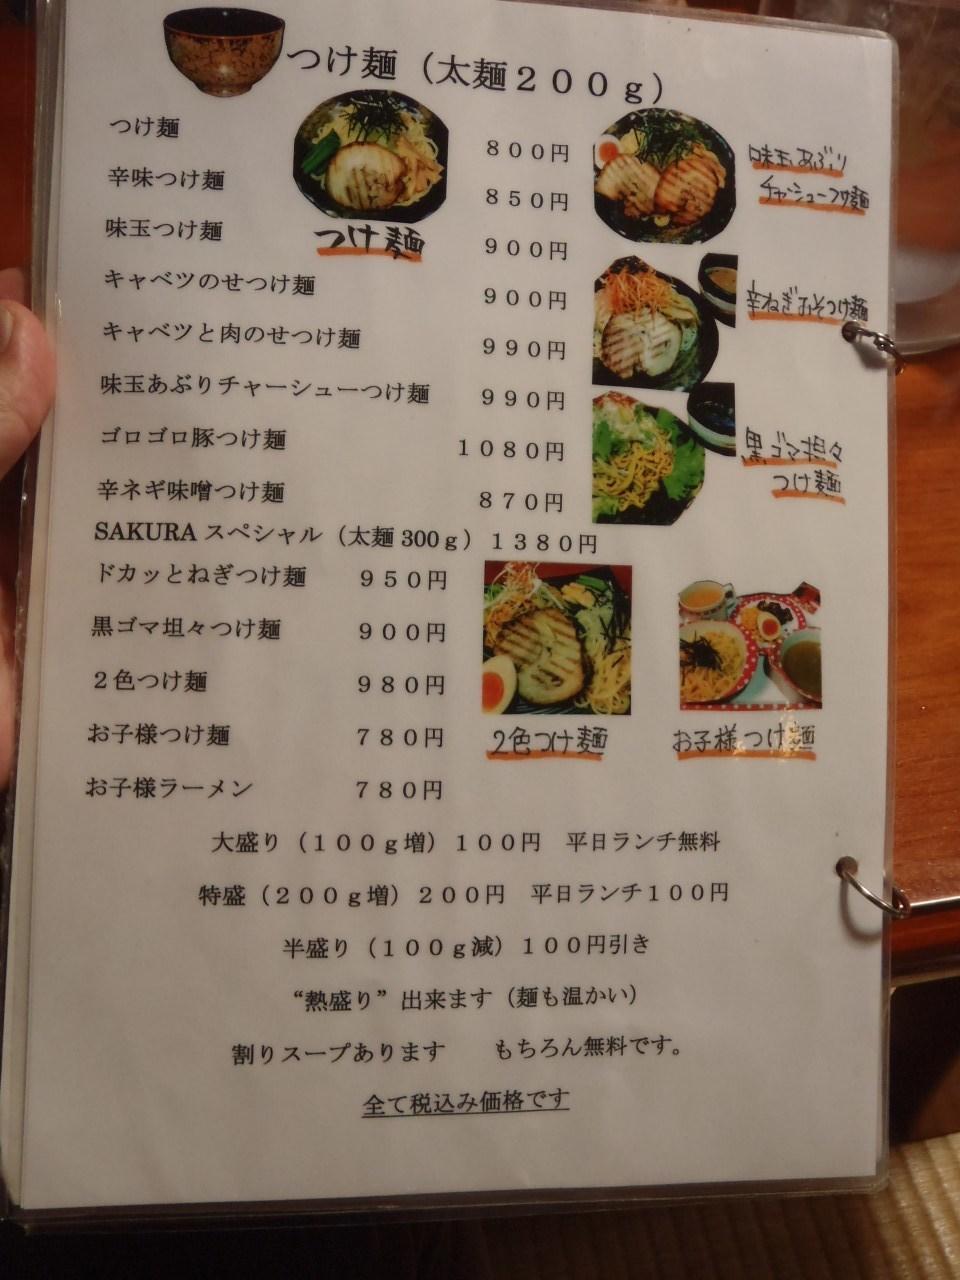 つけ麺酒家 さくら  @十日町市_a0114853_16393036.jpg